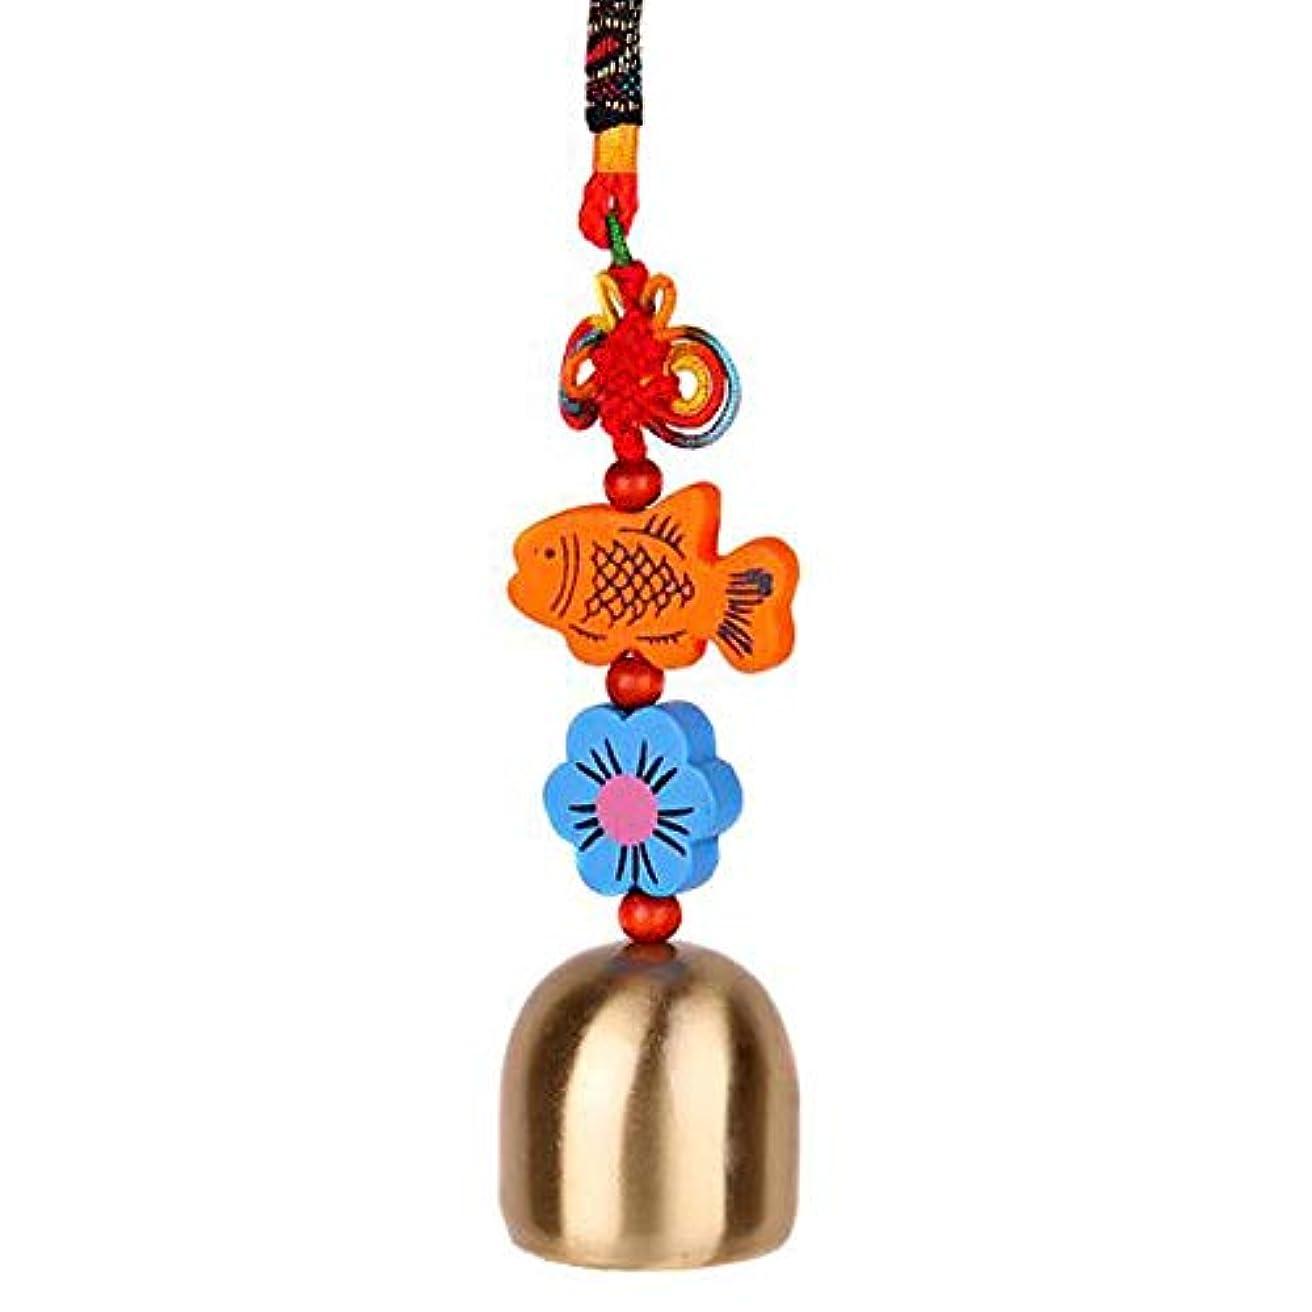 セラフ発明ビジネスYoushangshipin 風チャイム、中国のノット銅鐘ホーム車の装飾、ゴールド、全長約22CM,美しいギフトボックス (Color : A)